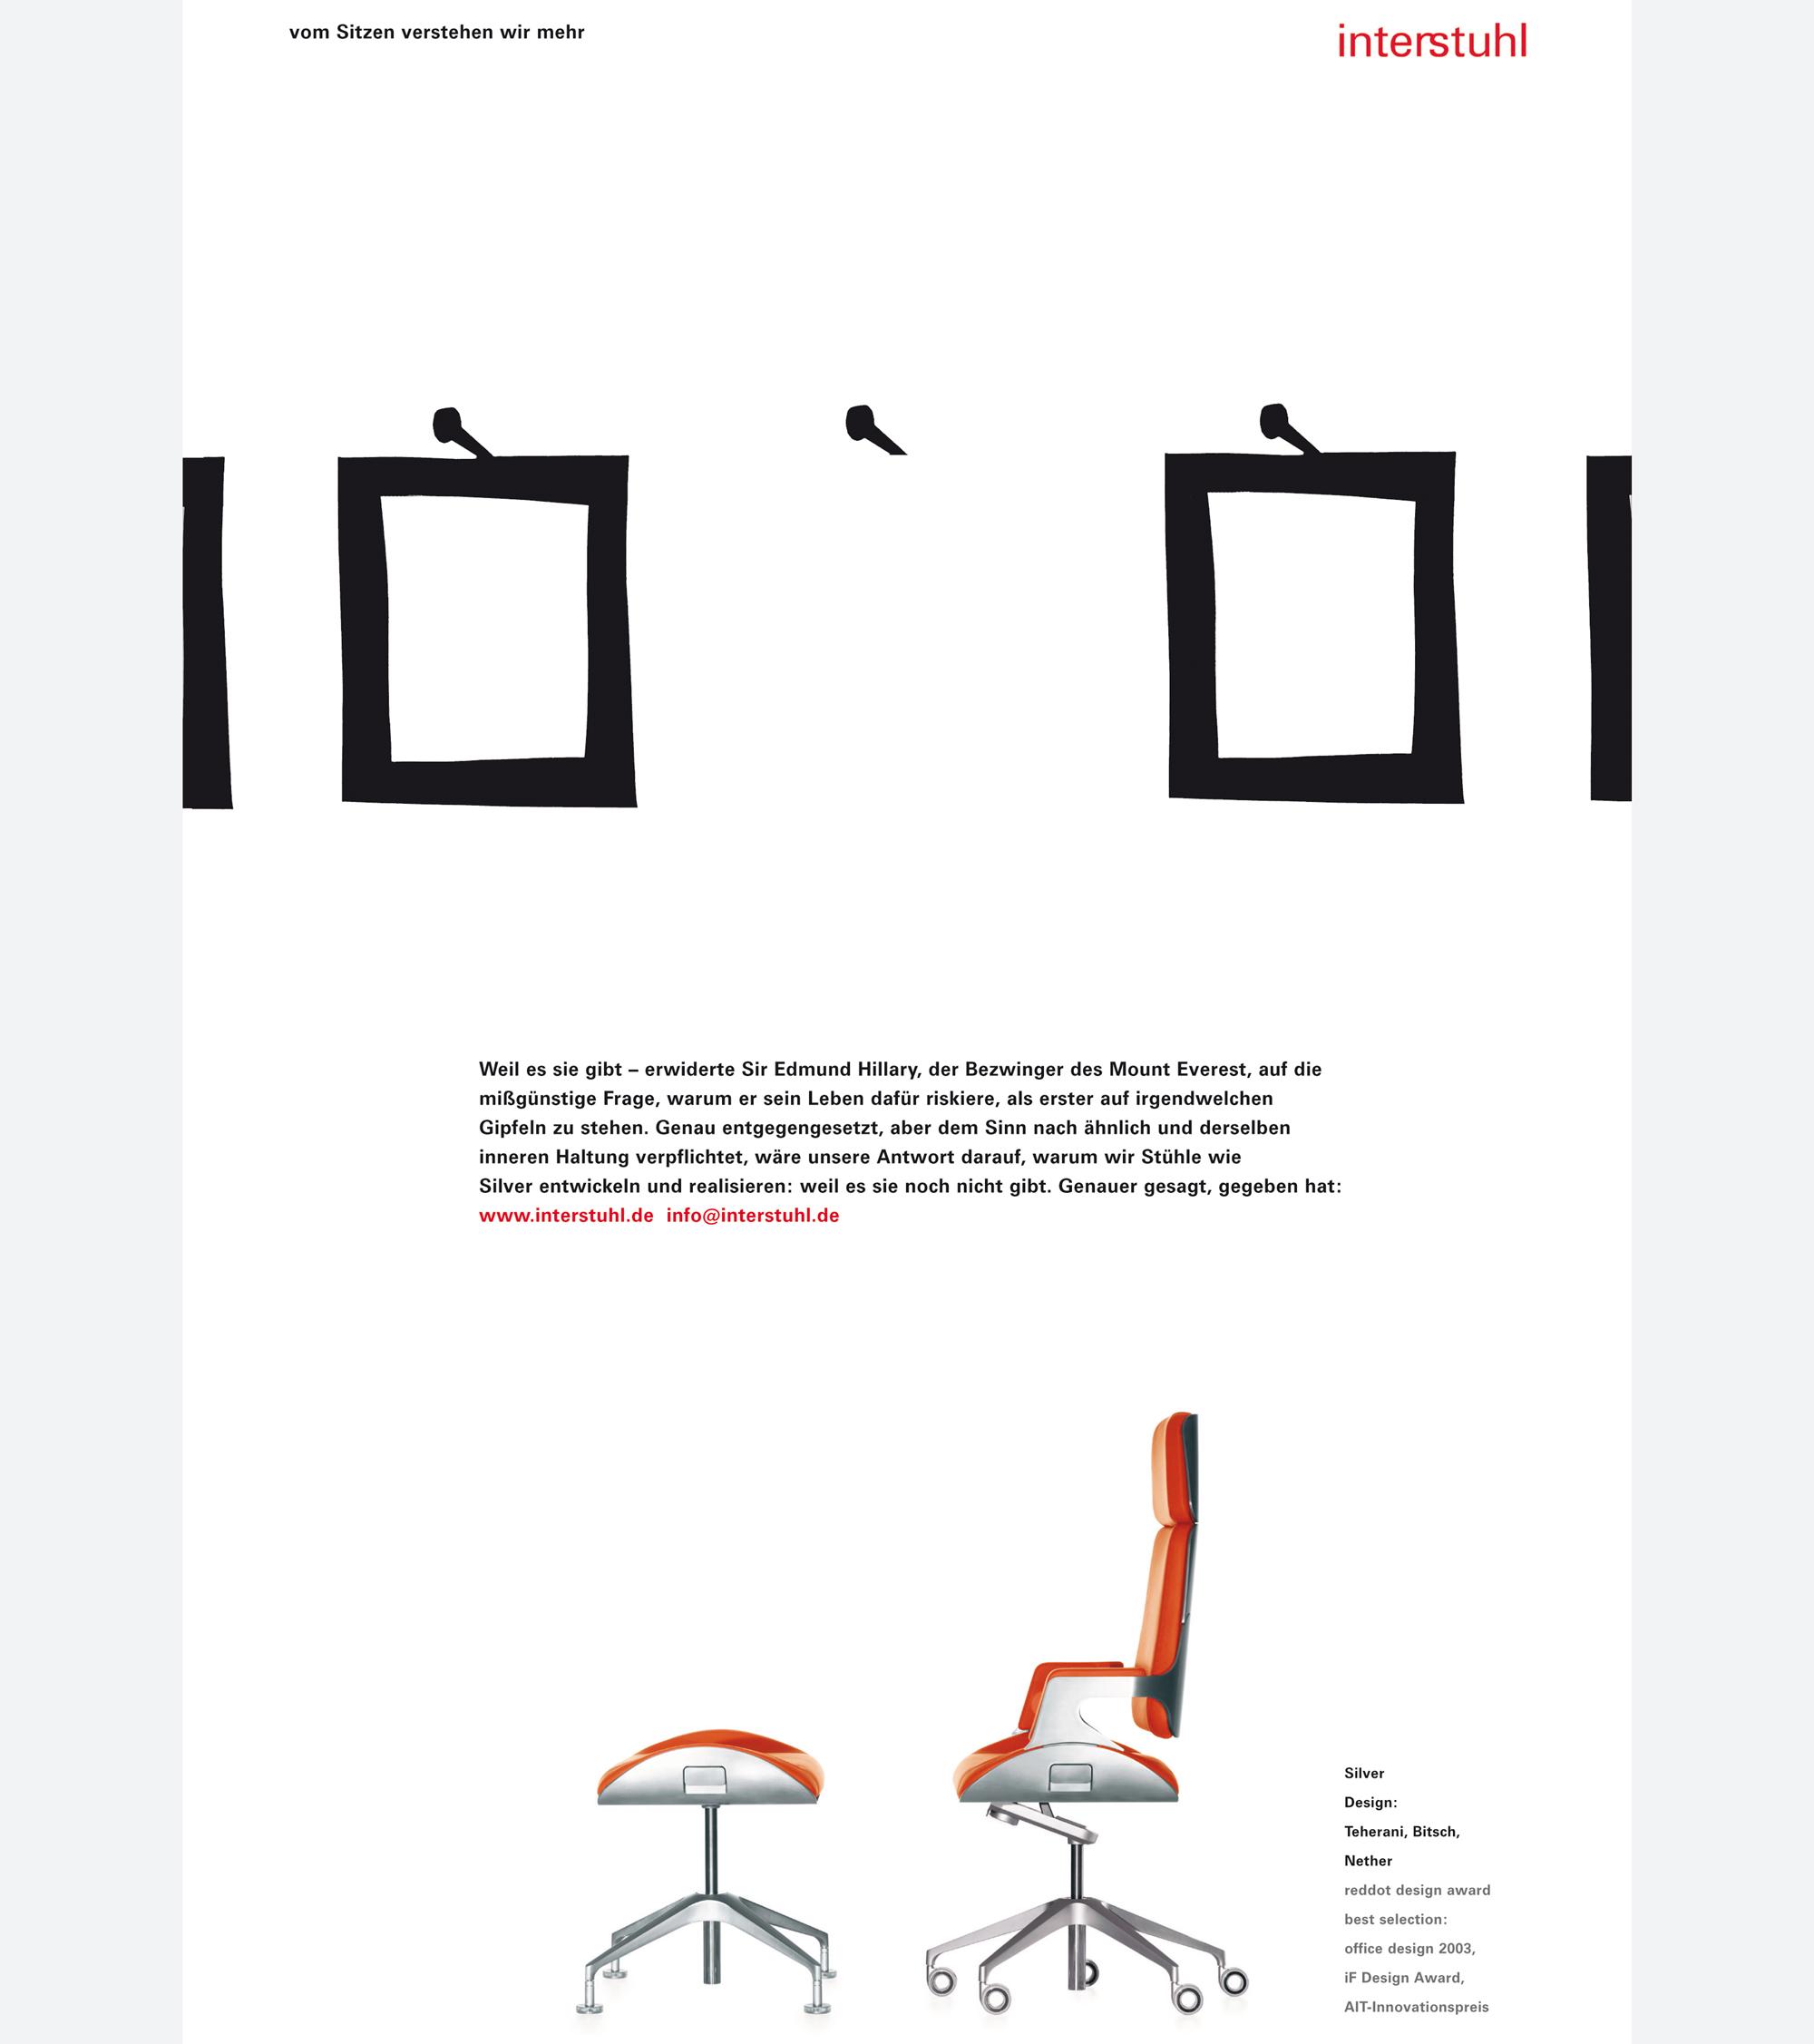 interst-anzeigen3.jpg